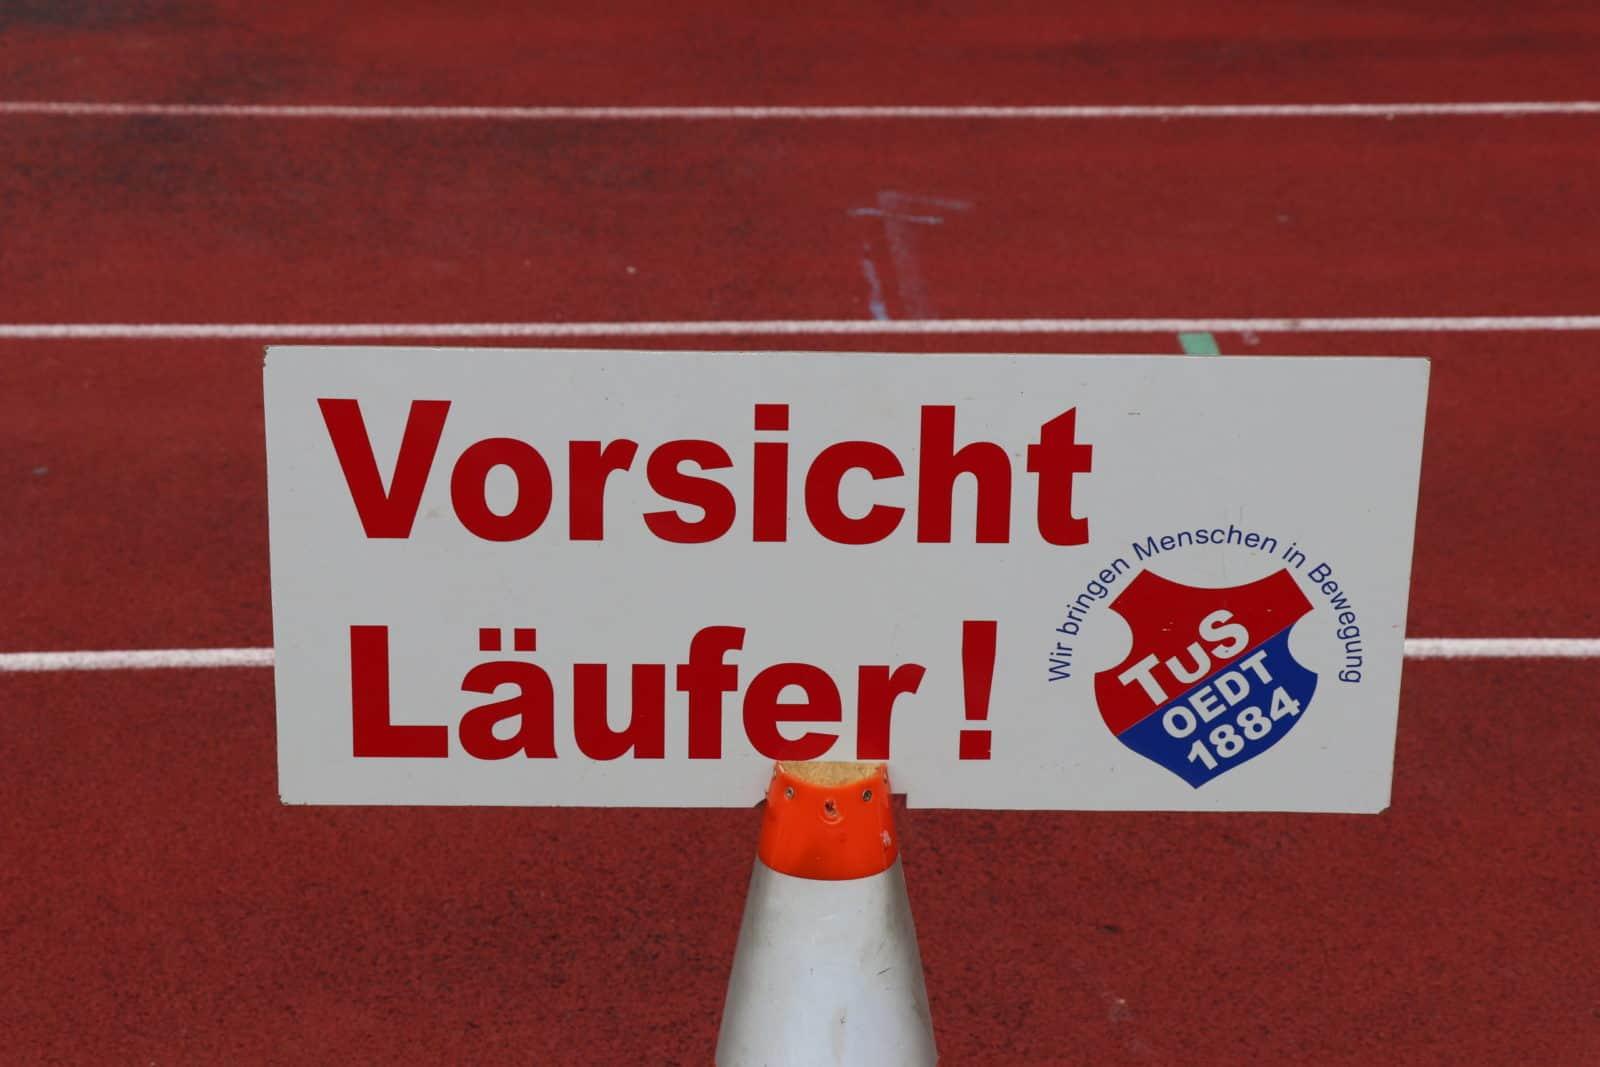 NRW-Meisterschaften in Düsseldorf